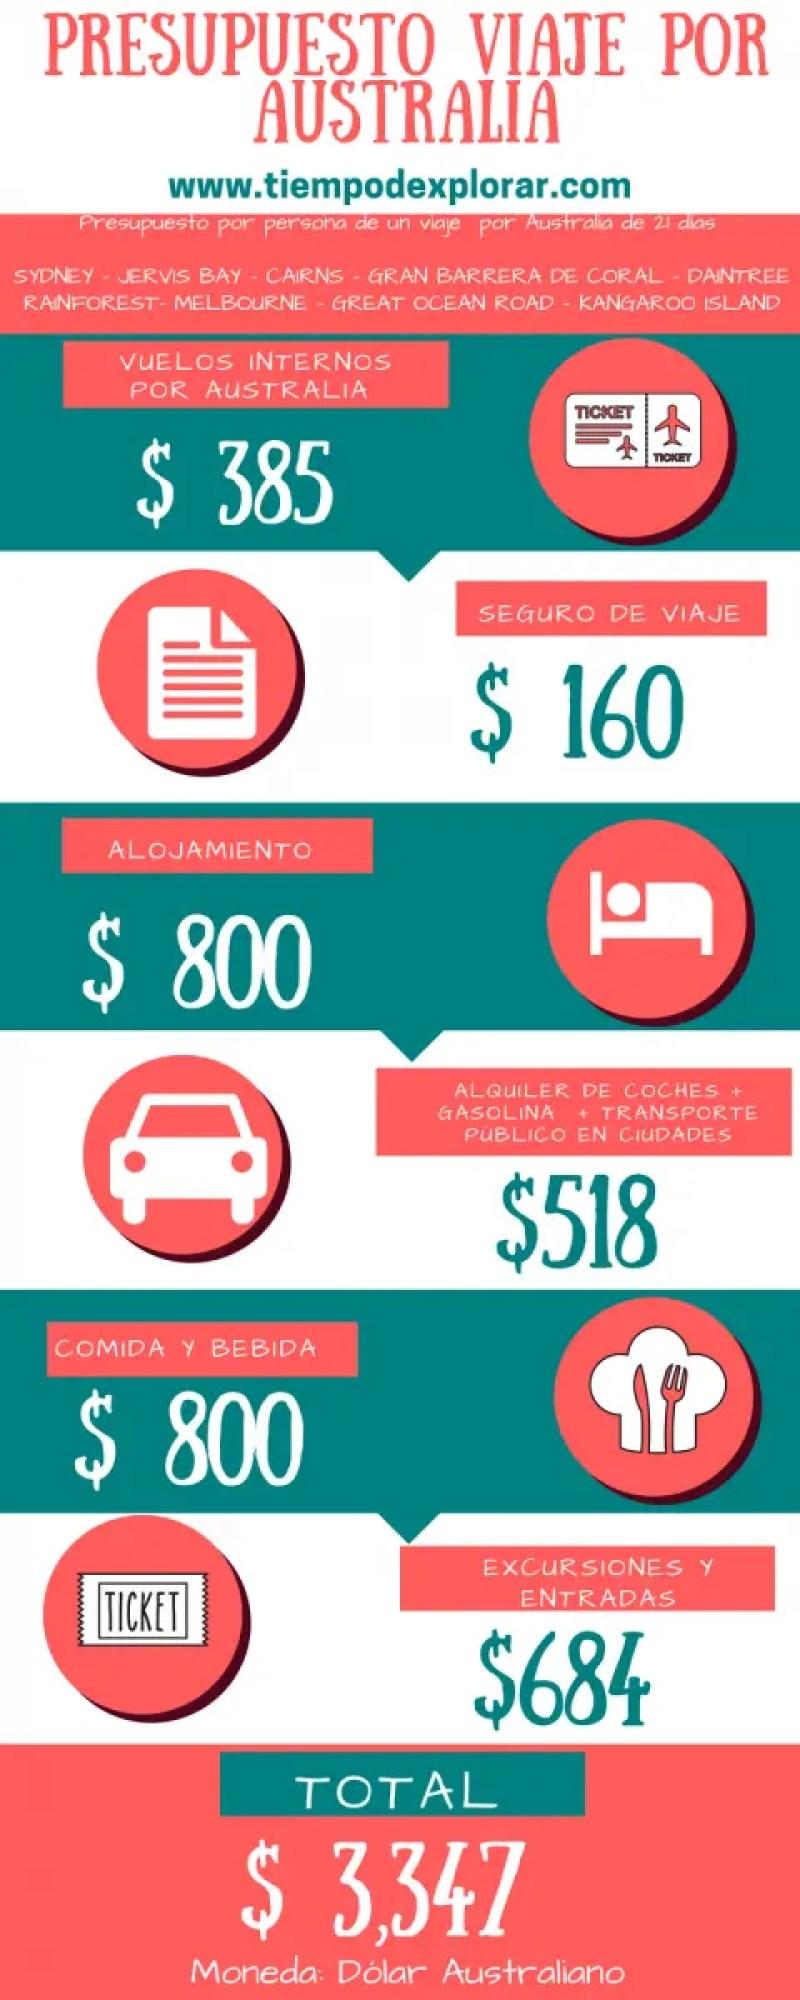 Presupuesto viaje a Australia 21 dias